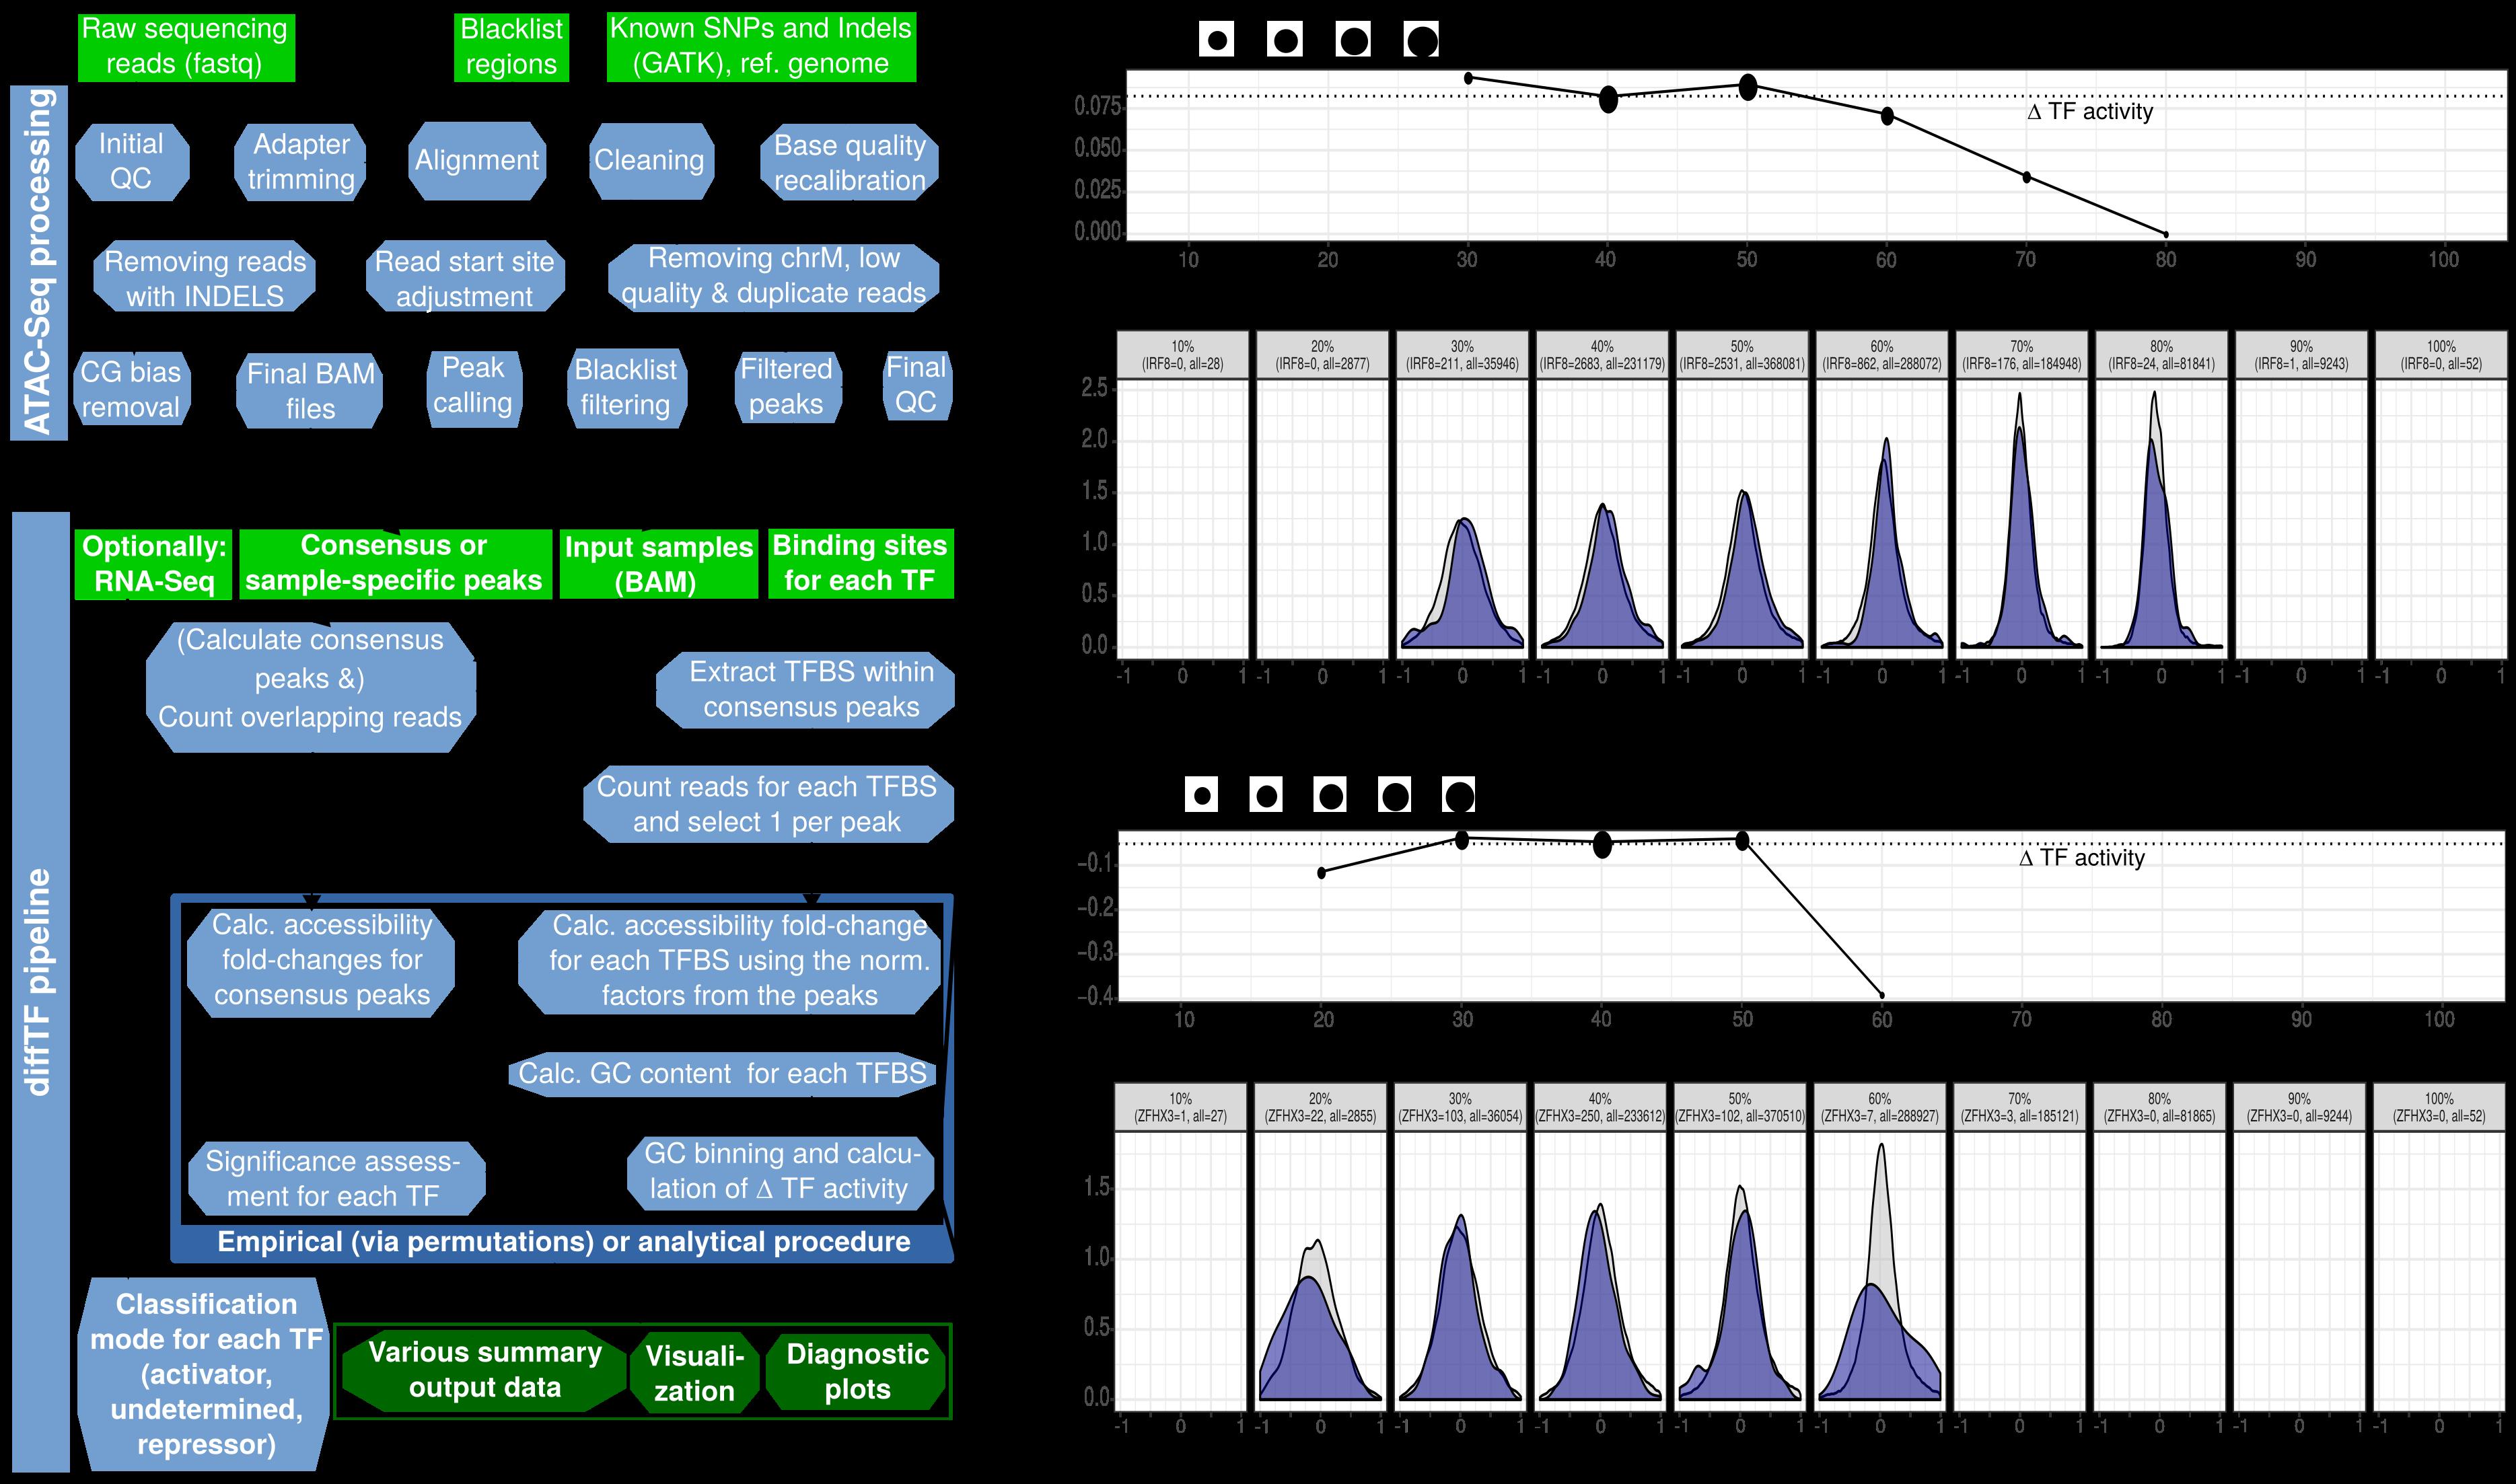 docs/Figures/Workflow_new.png